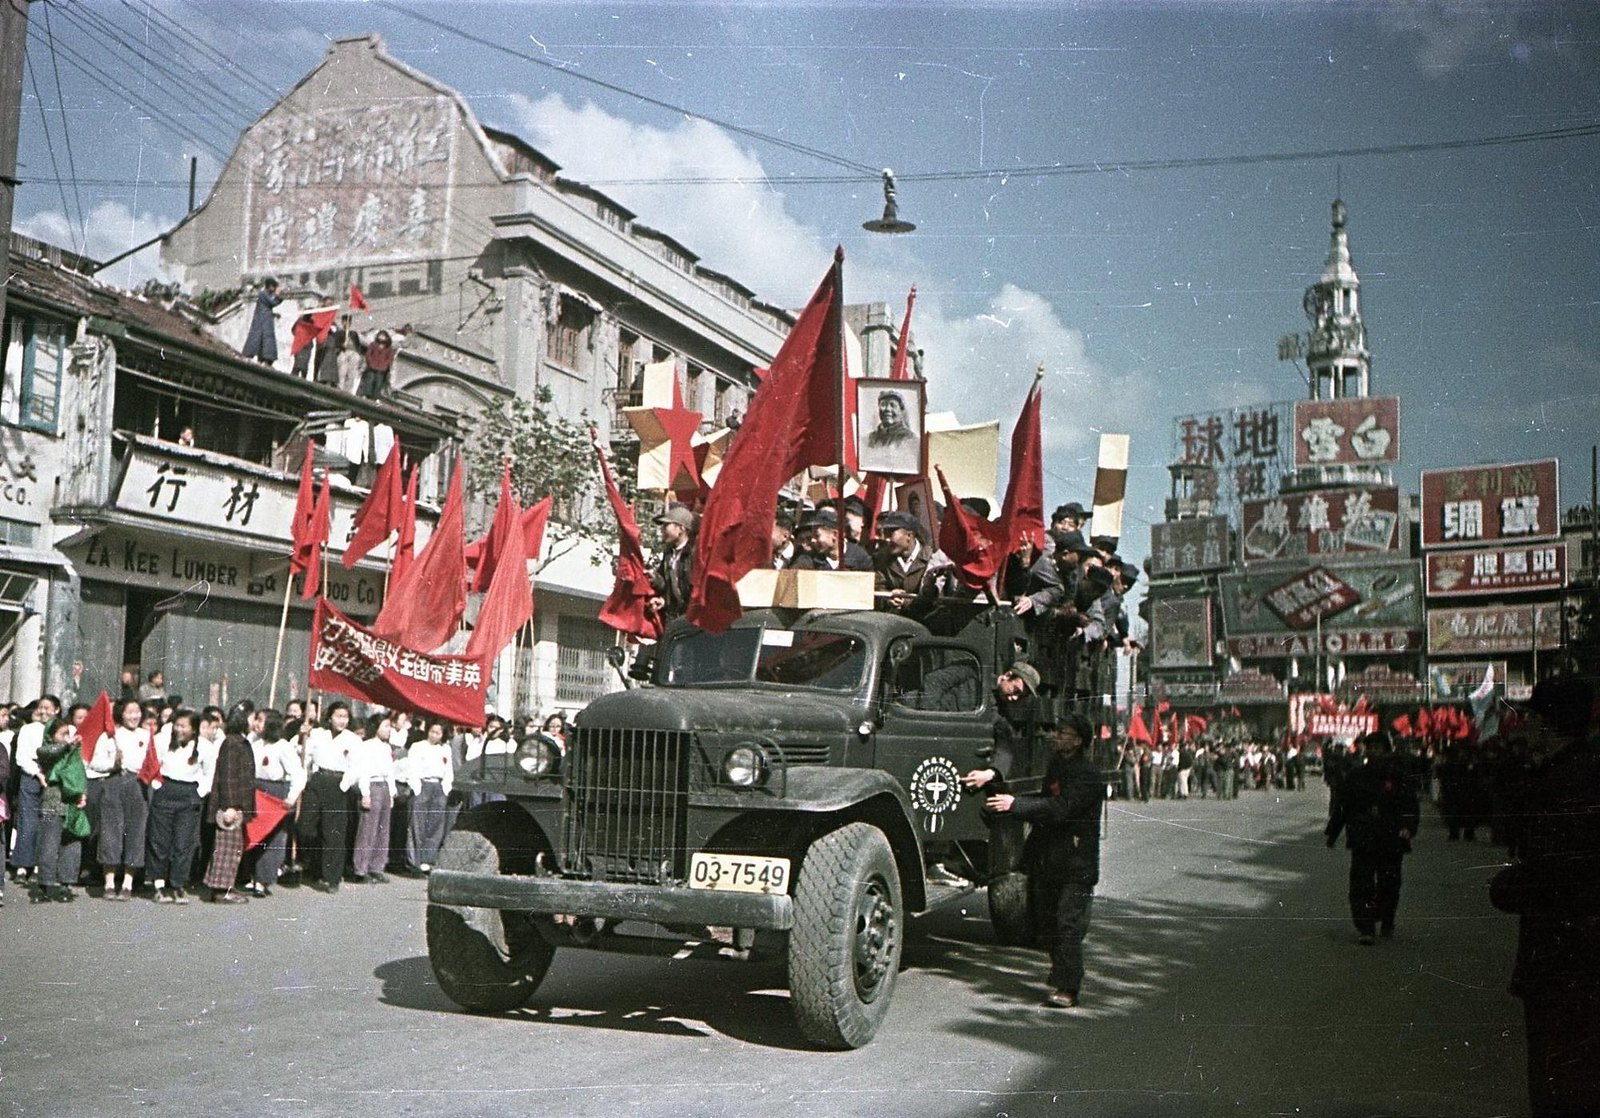 1949. Шанхай. Встреча войск Народно-освободительной армии (НОА) Китая (1)